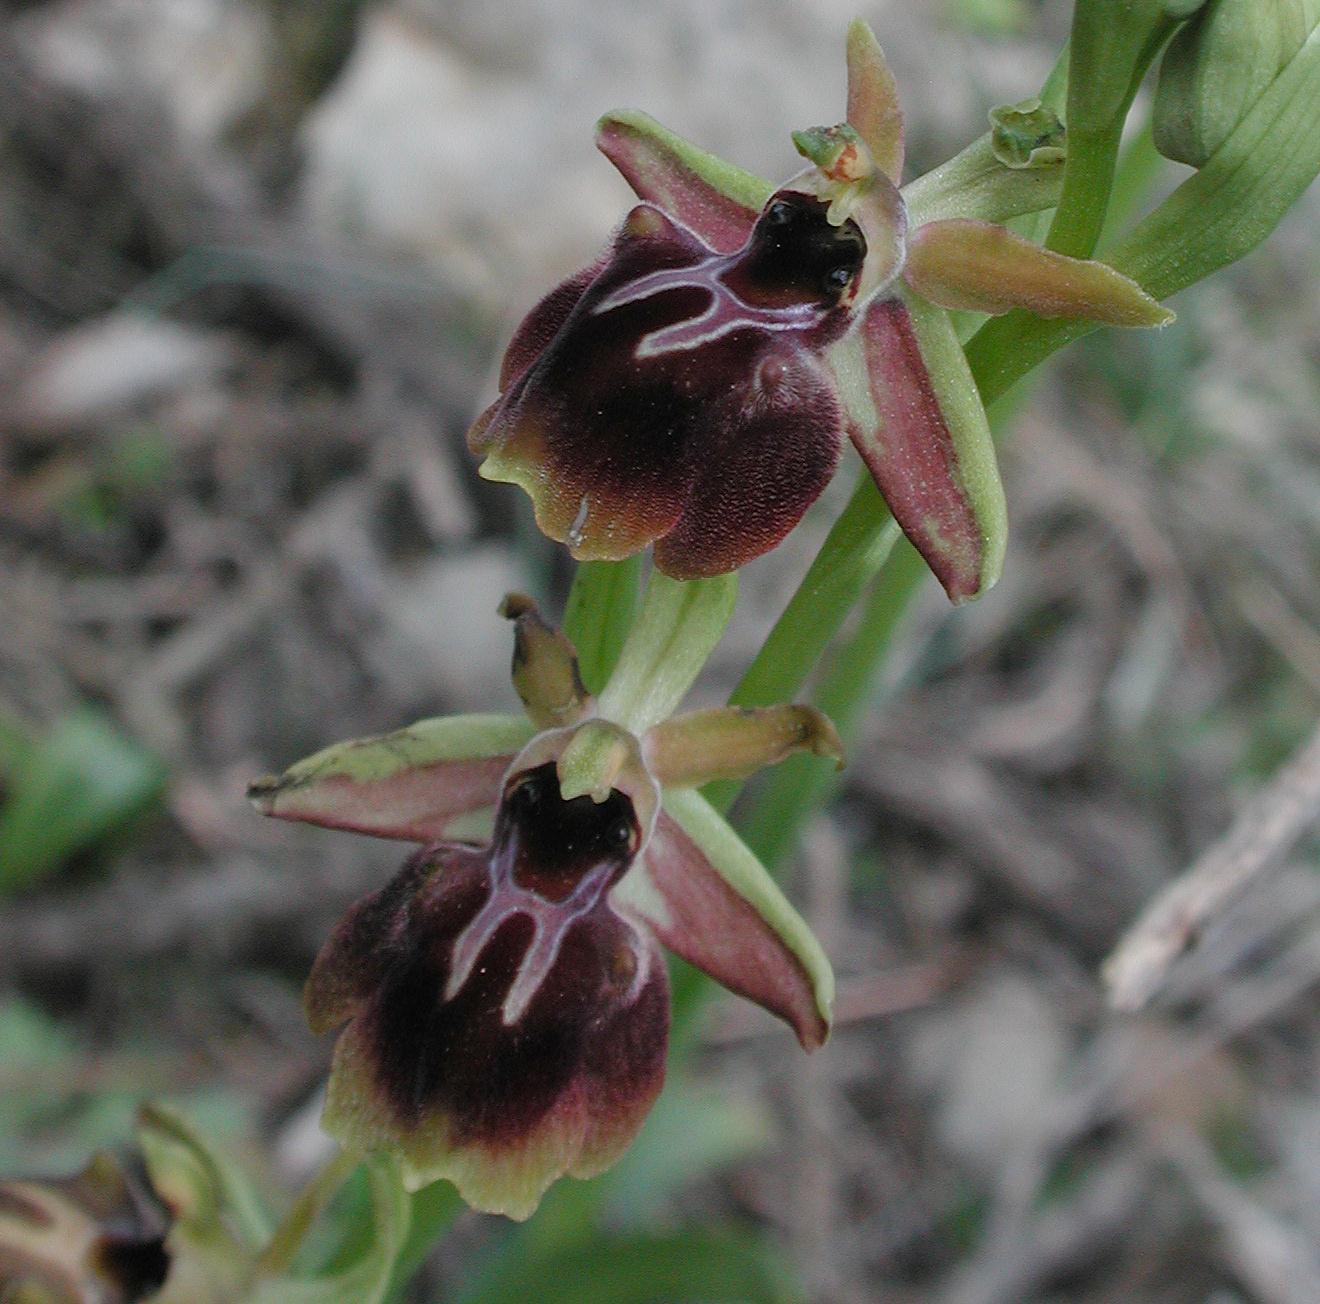 Ophrys aesculapiiformis